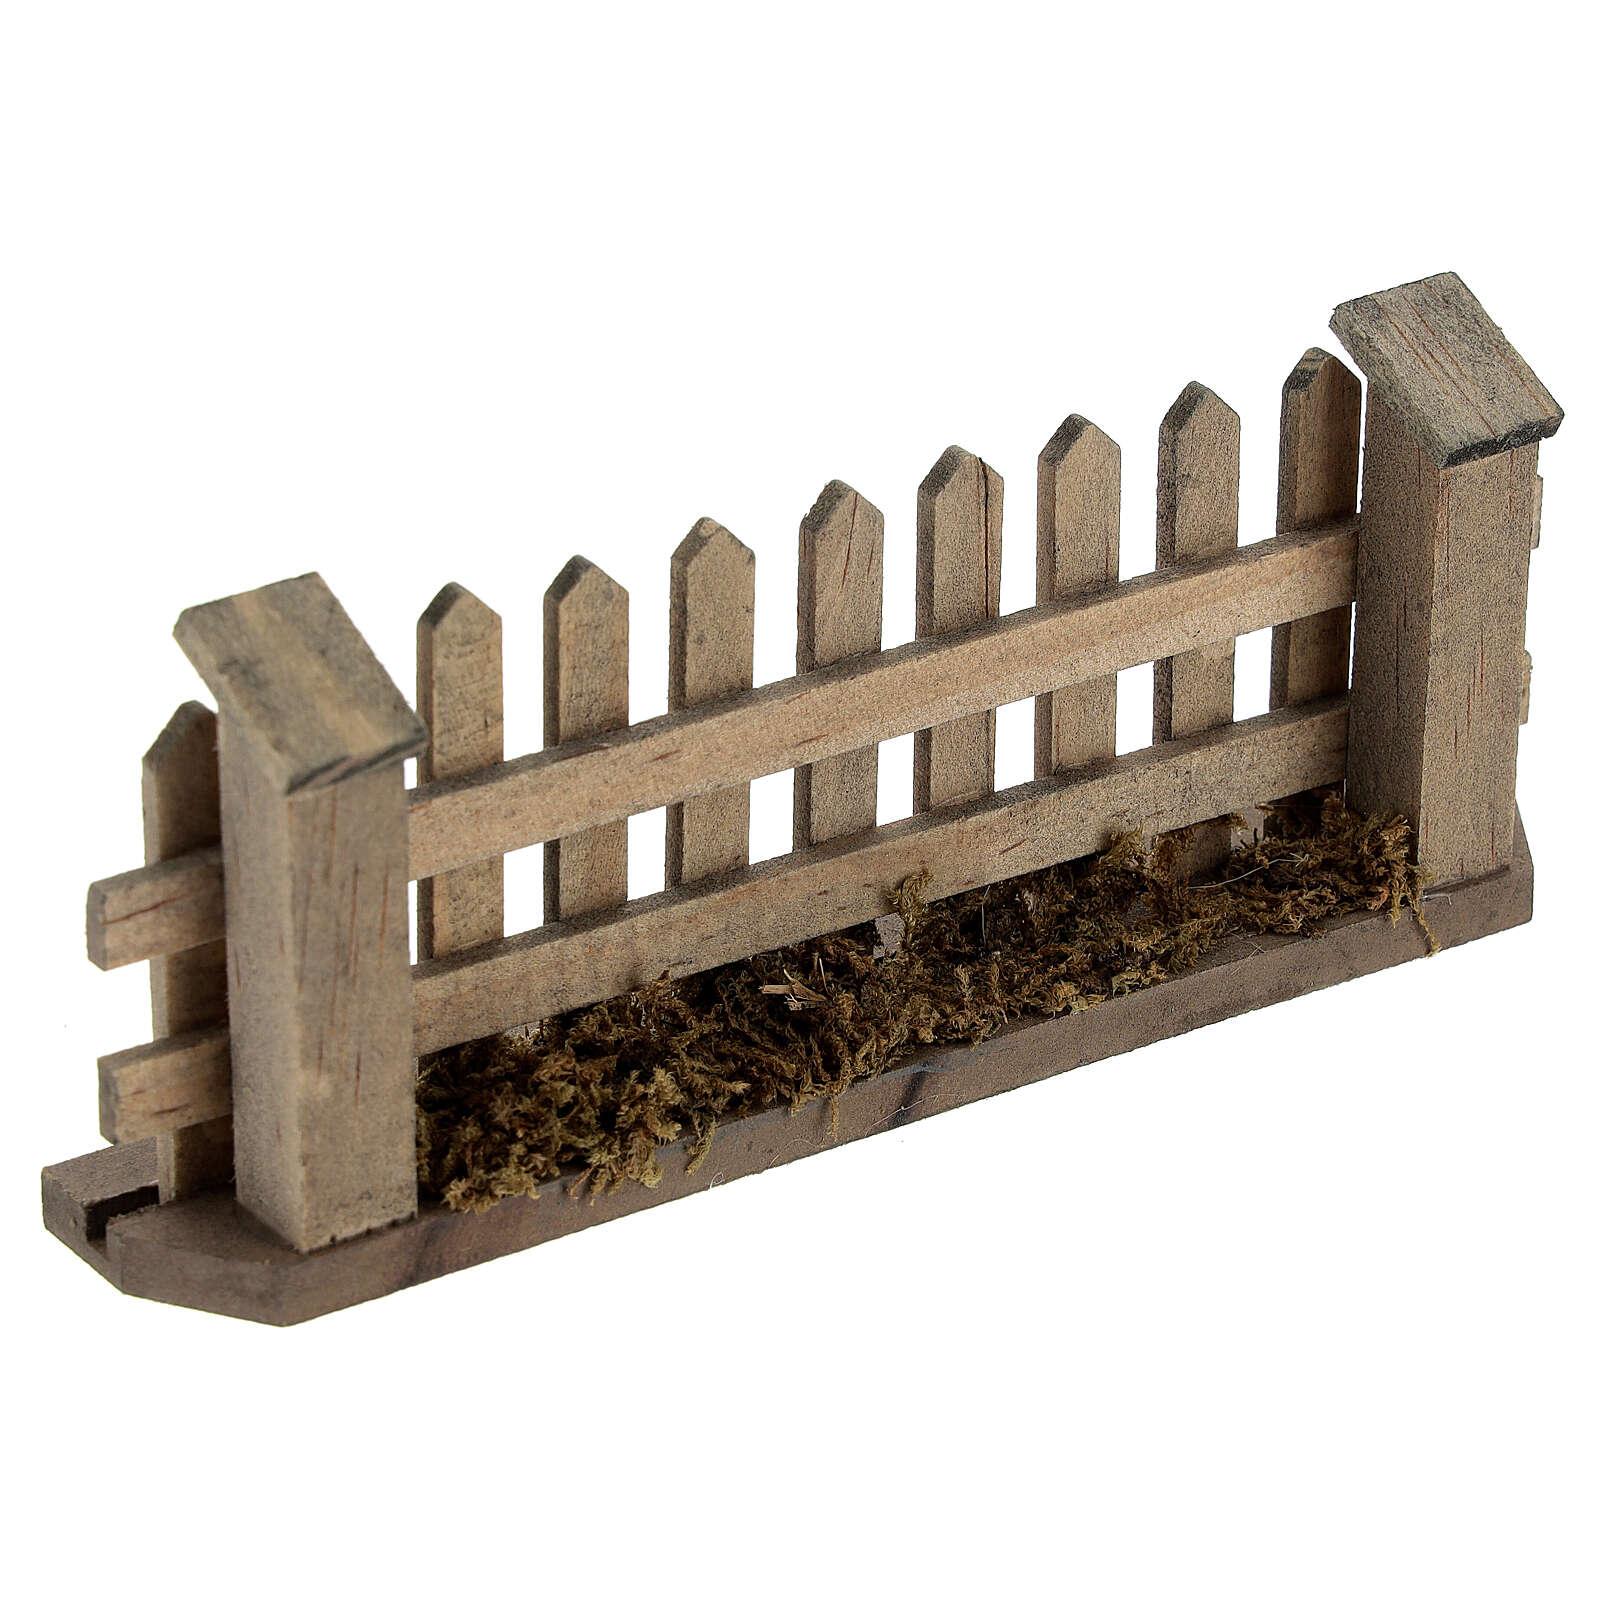 Staccionata presepe 8-12 cm legno 5x10x2 cm 4